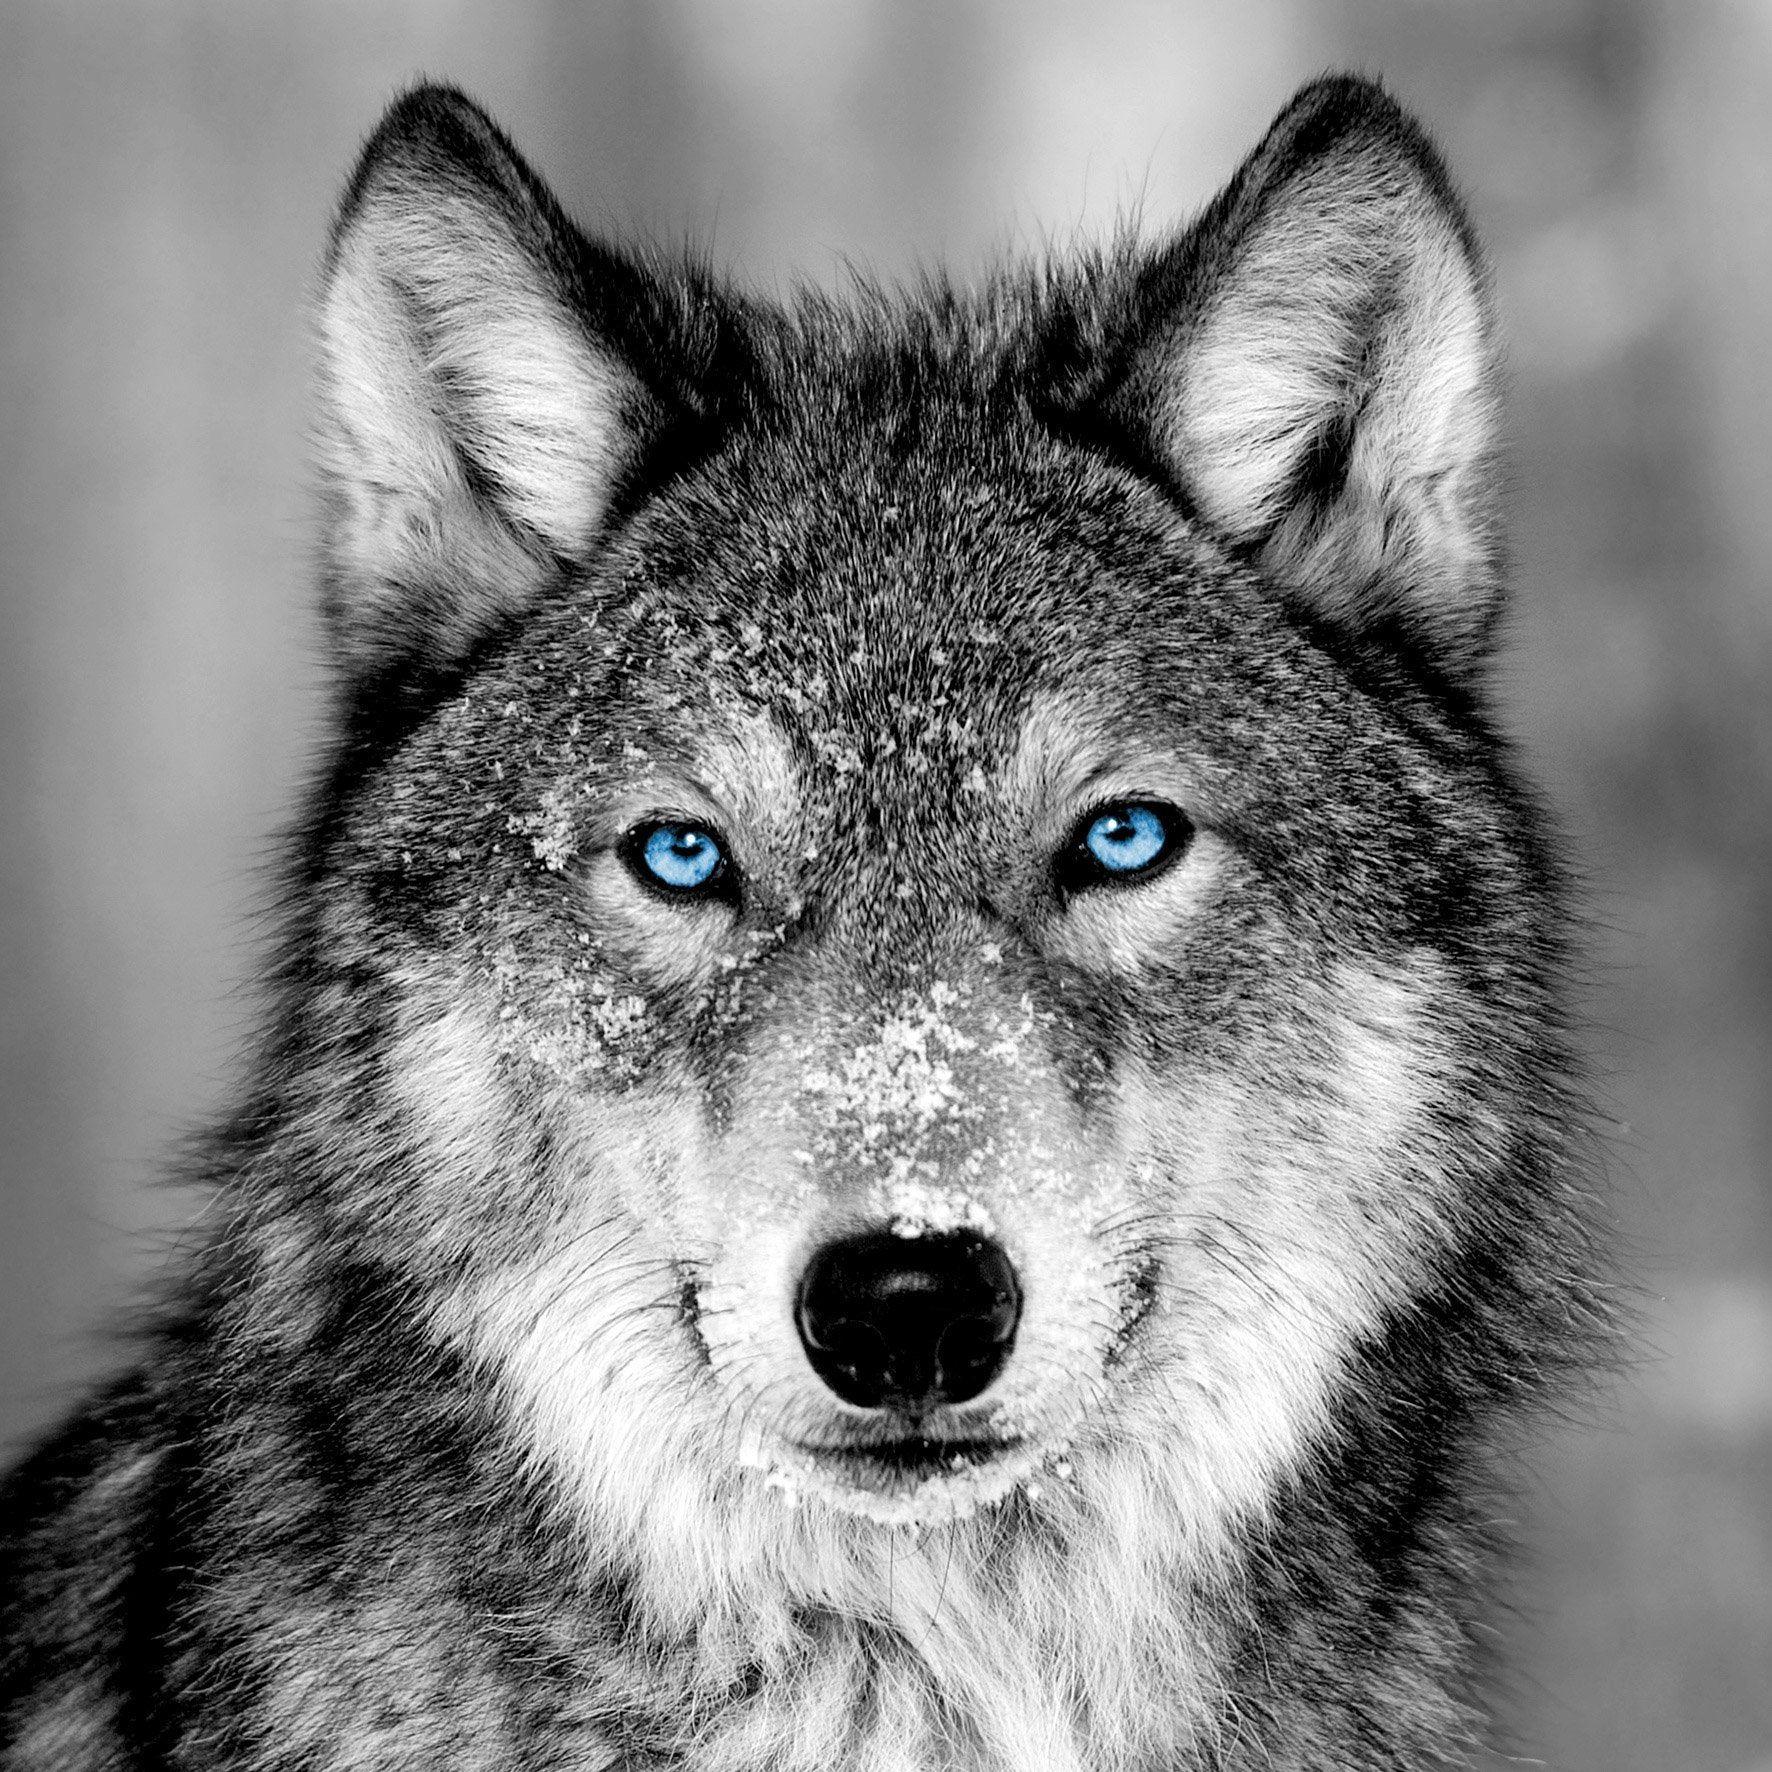 Verre Imprime Loup Blue Eyes Gris Noir Et Bleu Artis L 43 5 X H 43 5 Cm Chien Loup Blanc Yeux De Loup Images Loup